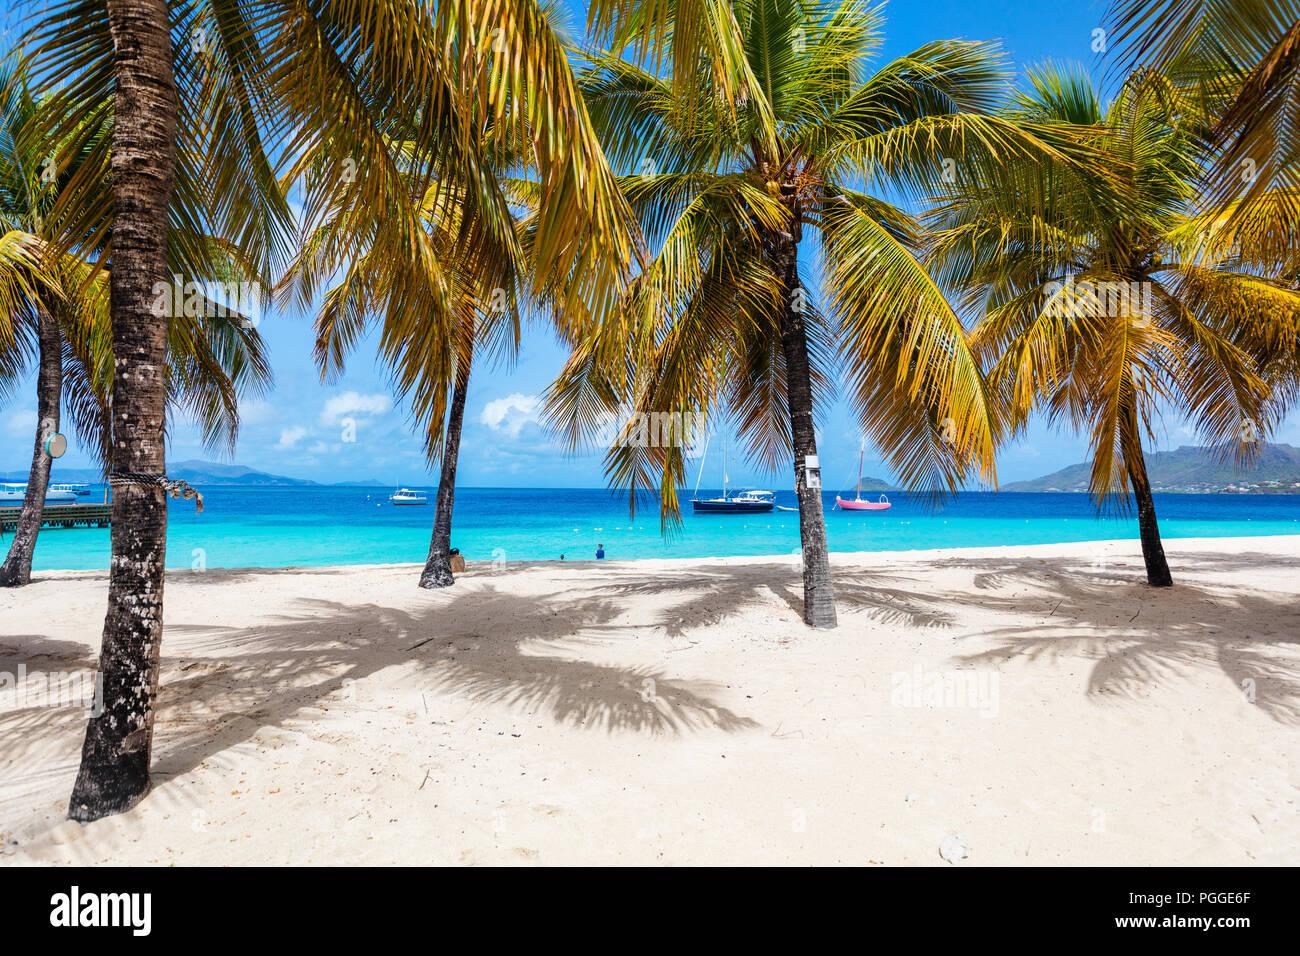 Idyllischen tropischen Strand mit weissem Sand, Palmen und das türkisblaue Karibische Meer Wasser auf der exotischen Insel in St. Vincent und die Grenadinen Stockbild